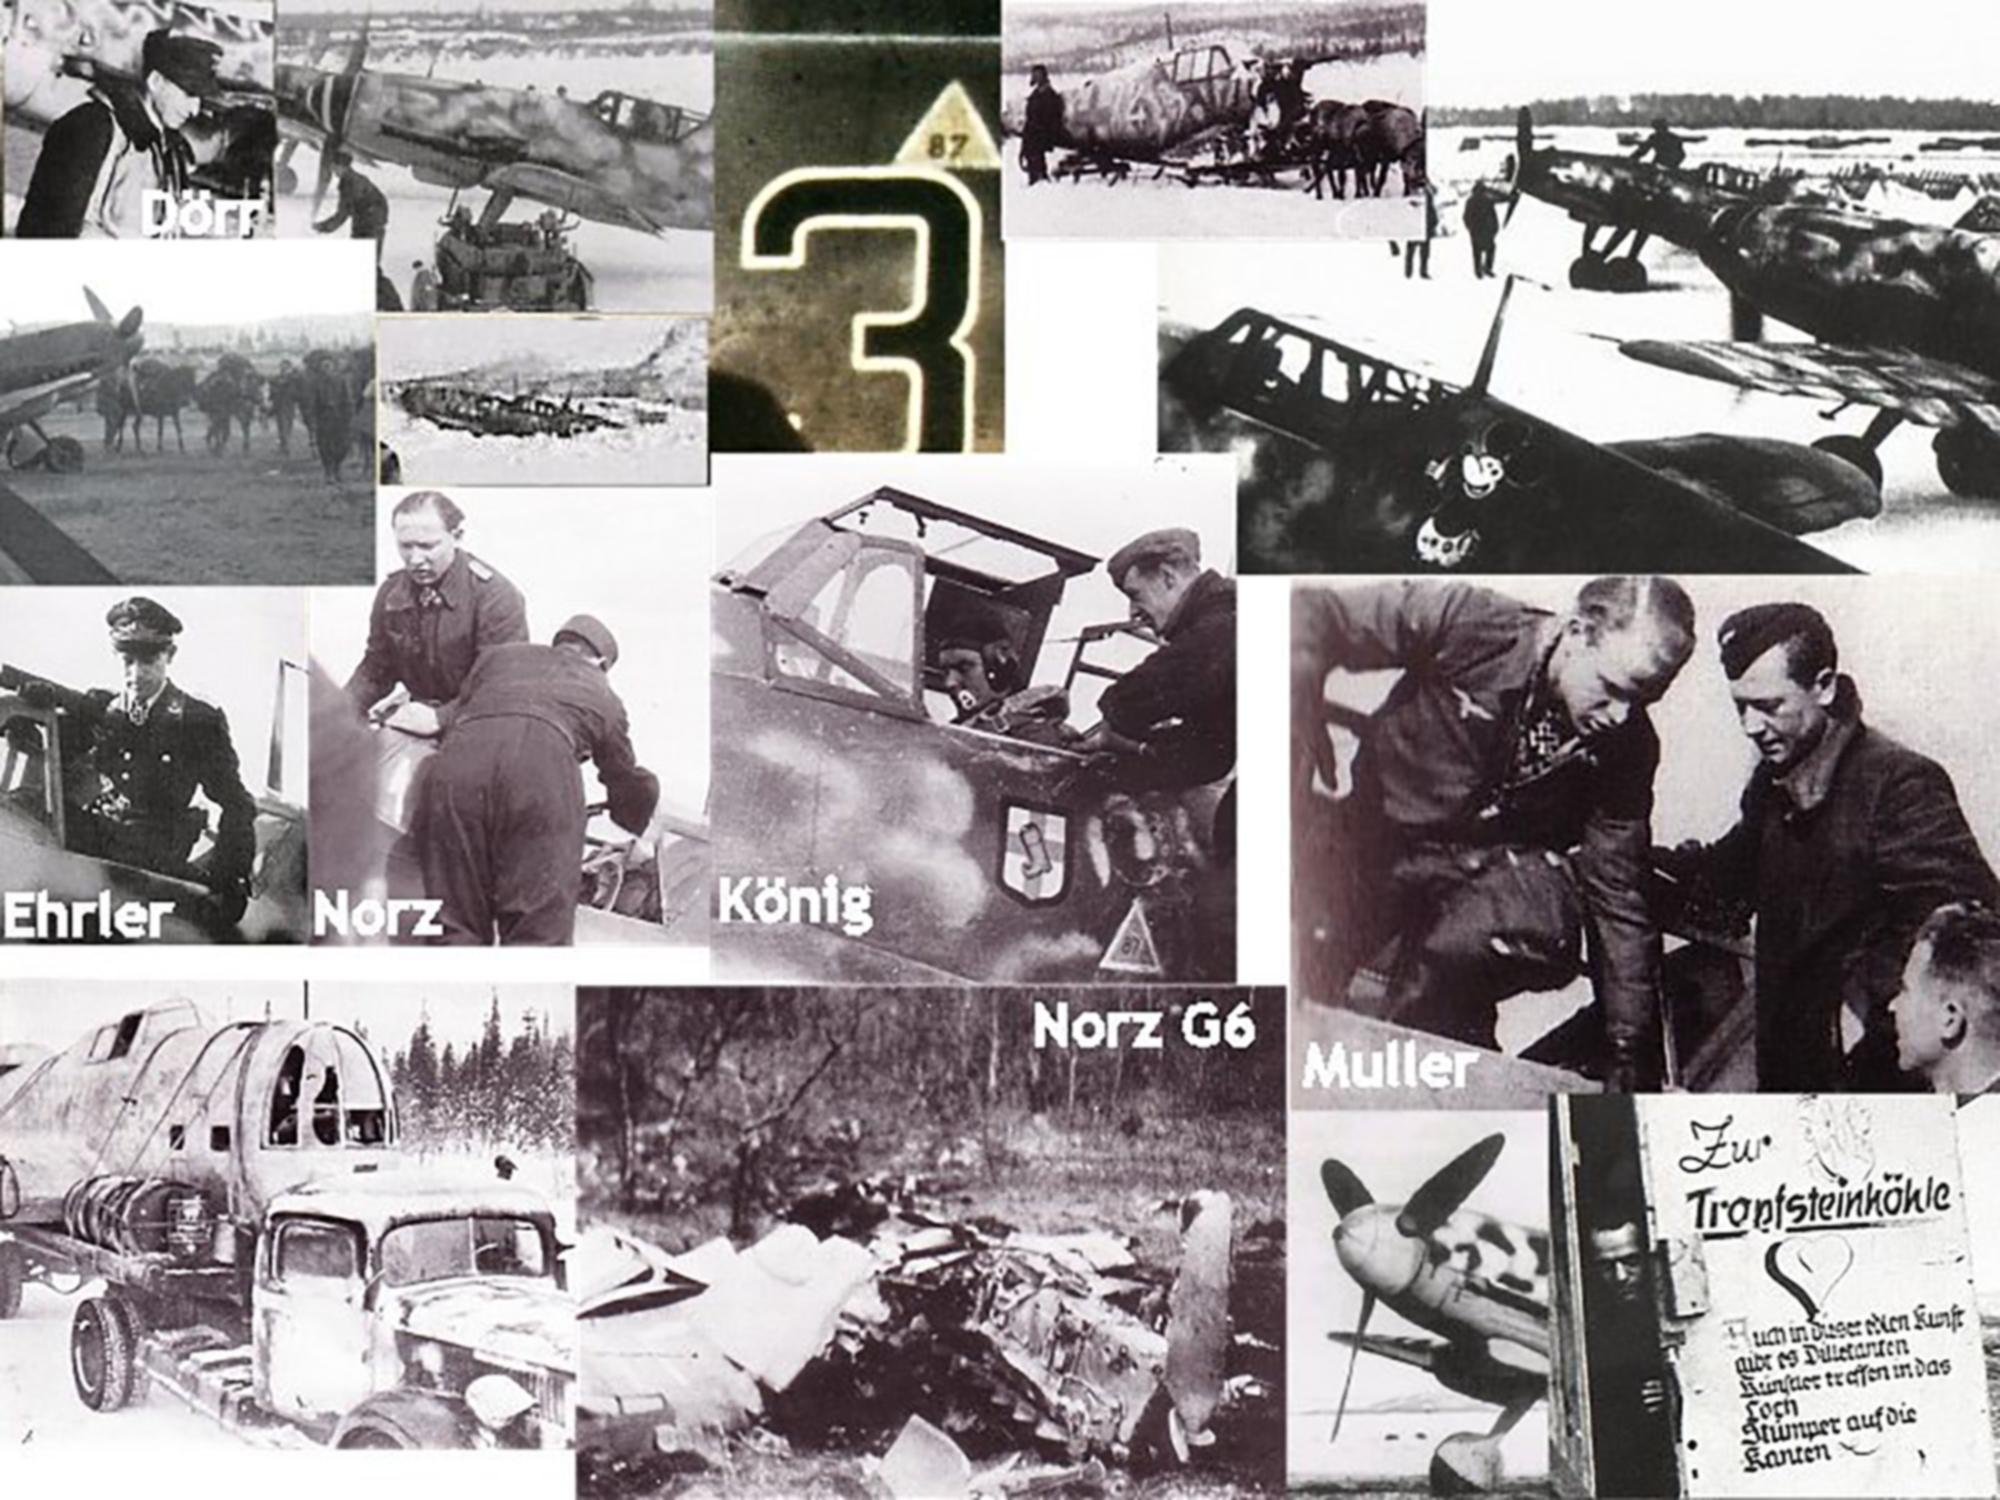 Aircrew Luftwaffe pilots JG5 Winter